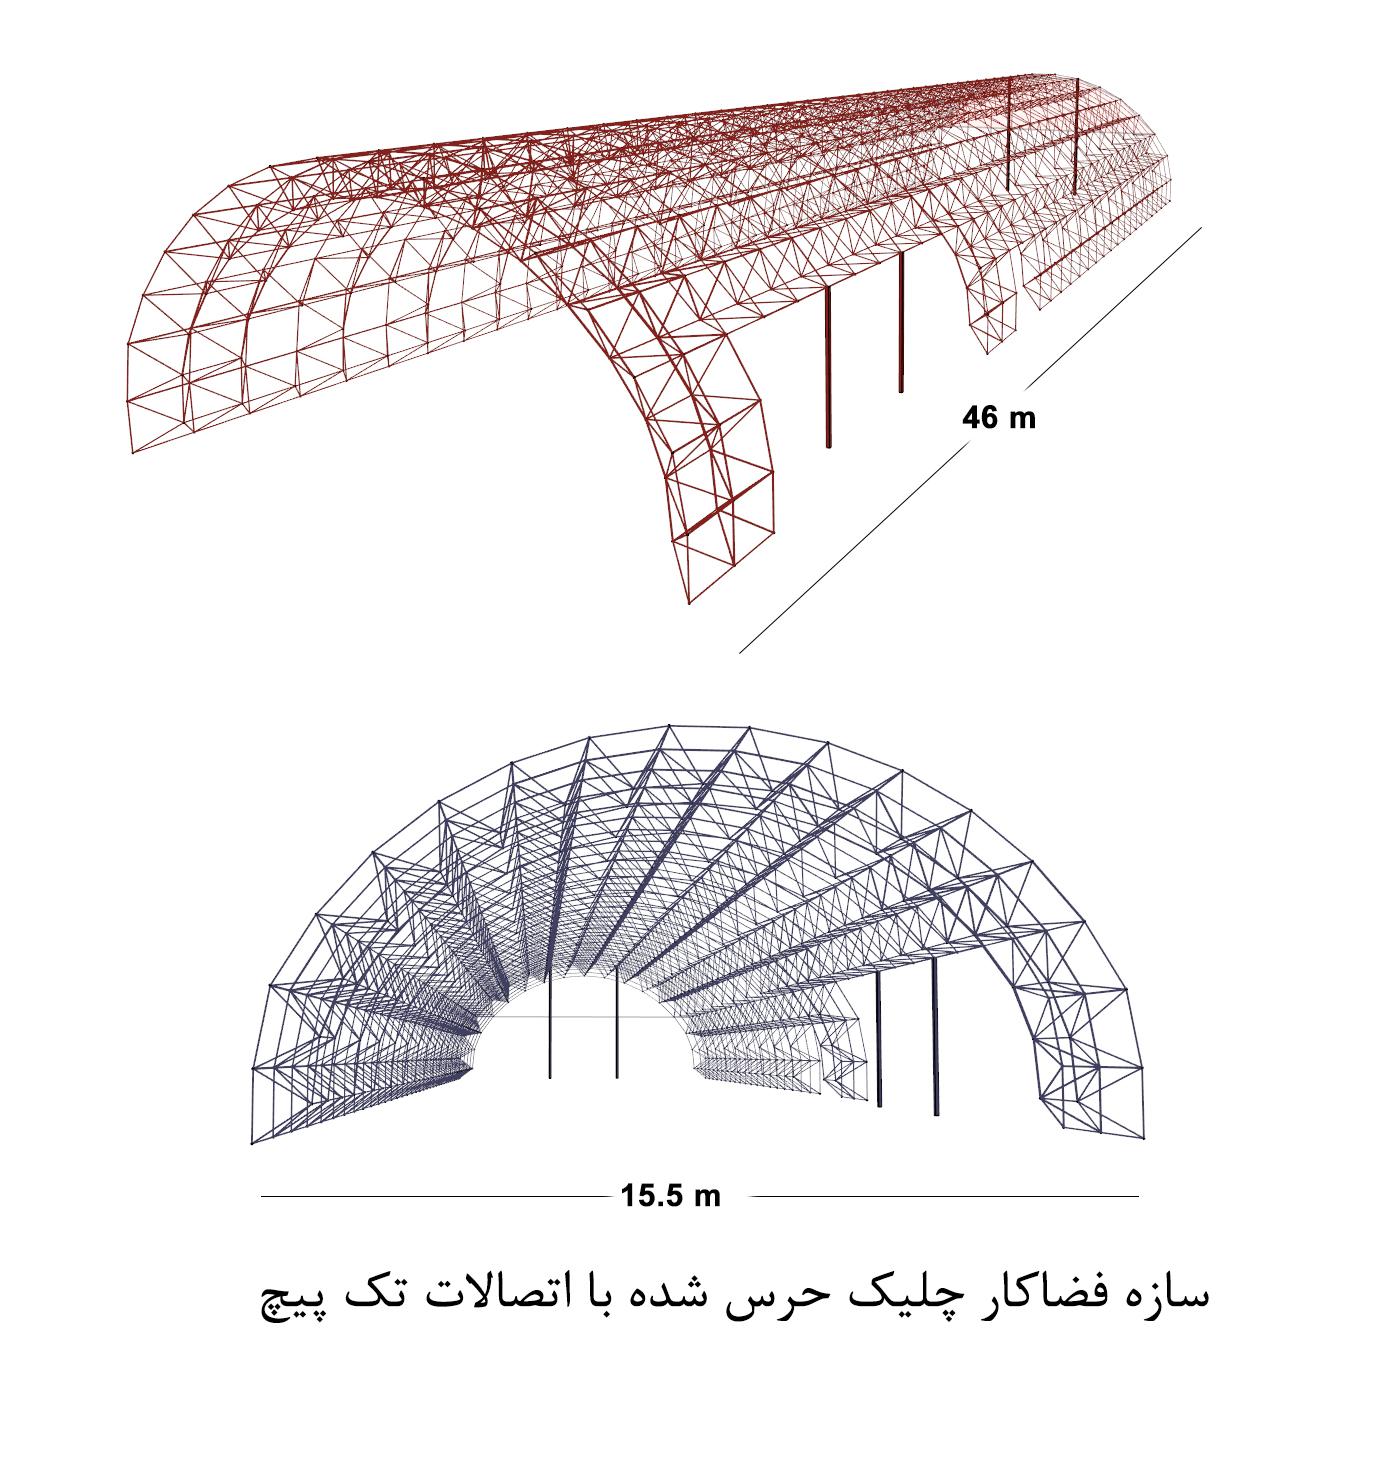 پروژه های انجام شده :: ::طول سالن: 46 متر | عرض دهانه : 15.5 متر | مجری: شرکت سازه های فضایی پاژ